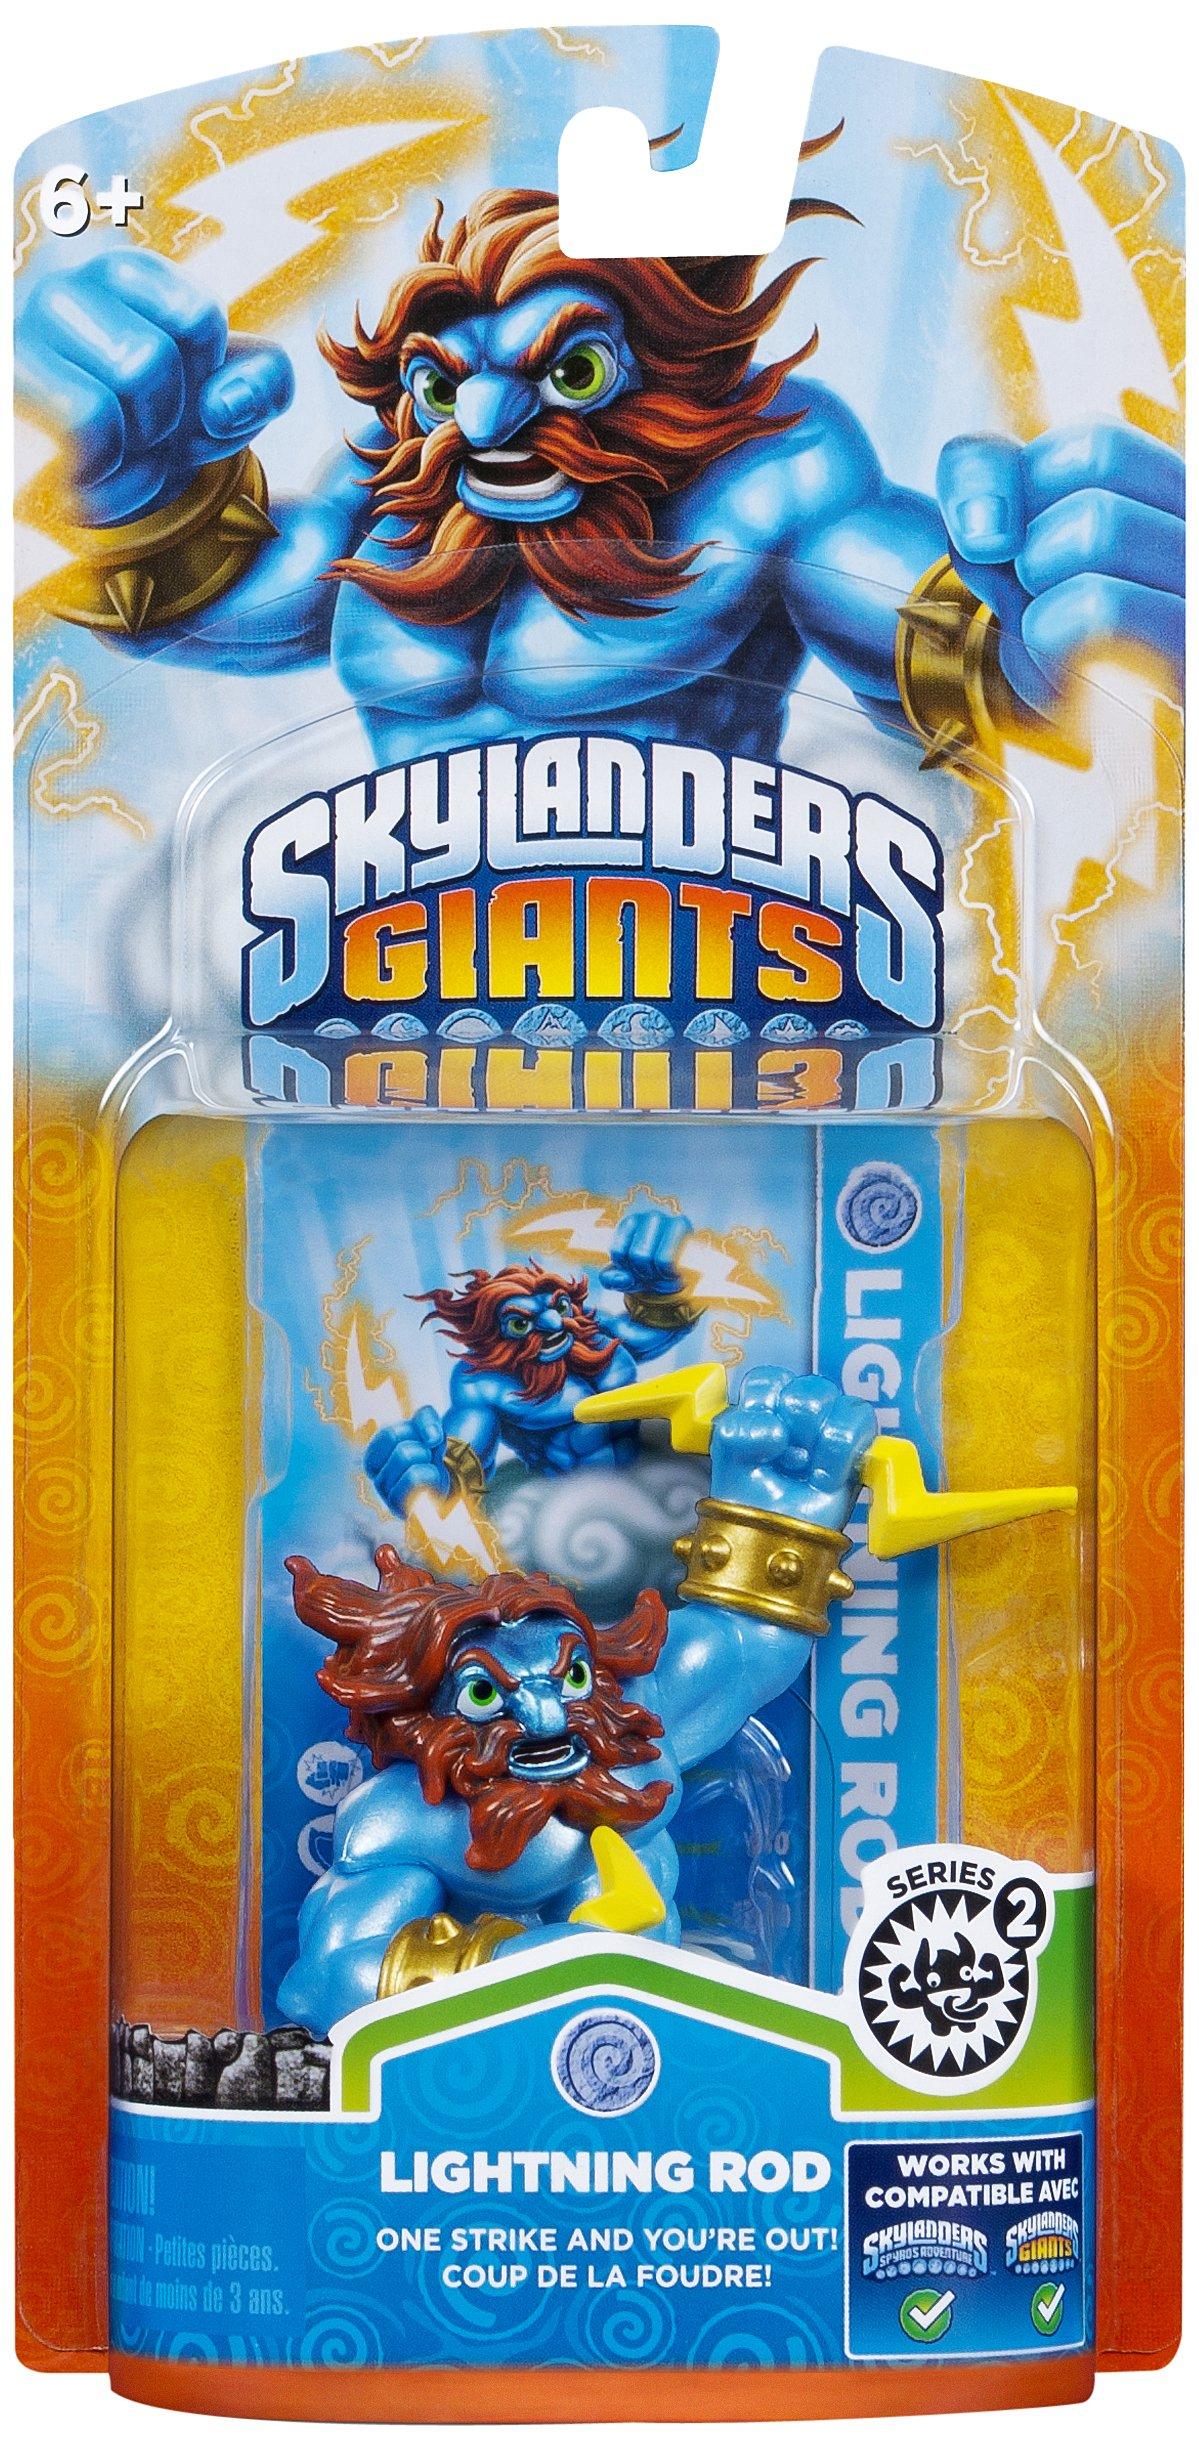 Skylanders Giants: Single Character Pack Core Series 2 Lightning Rod